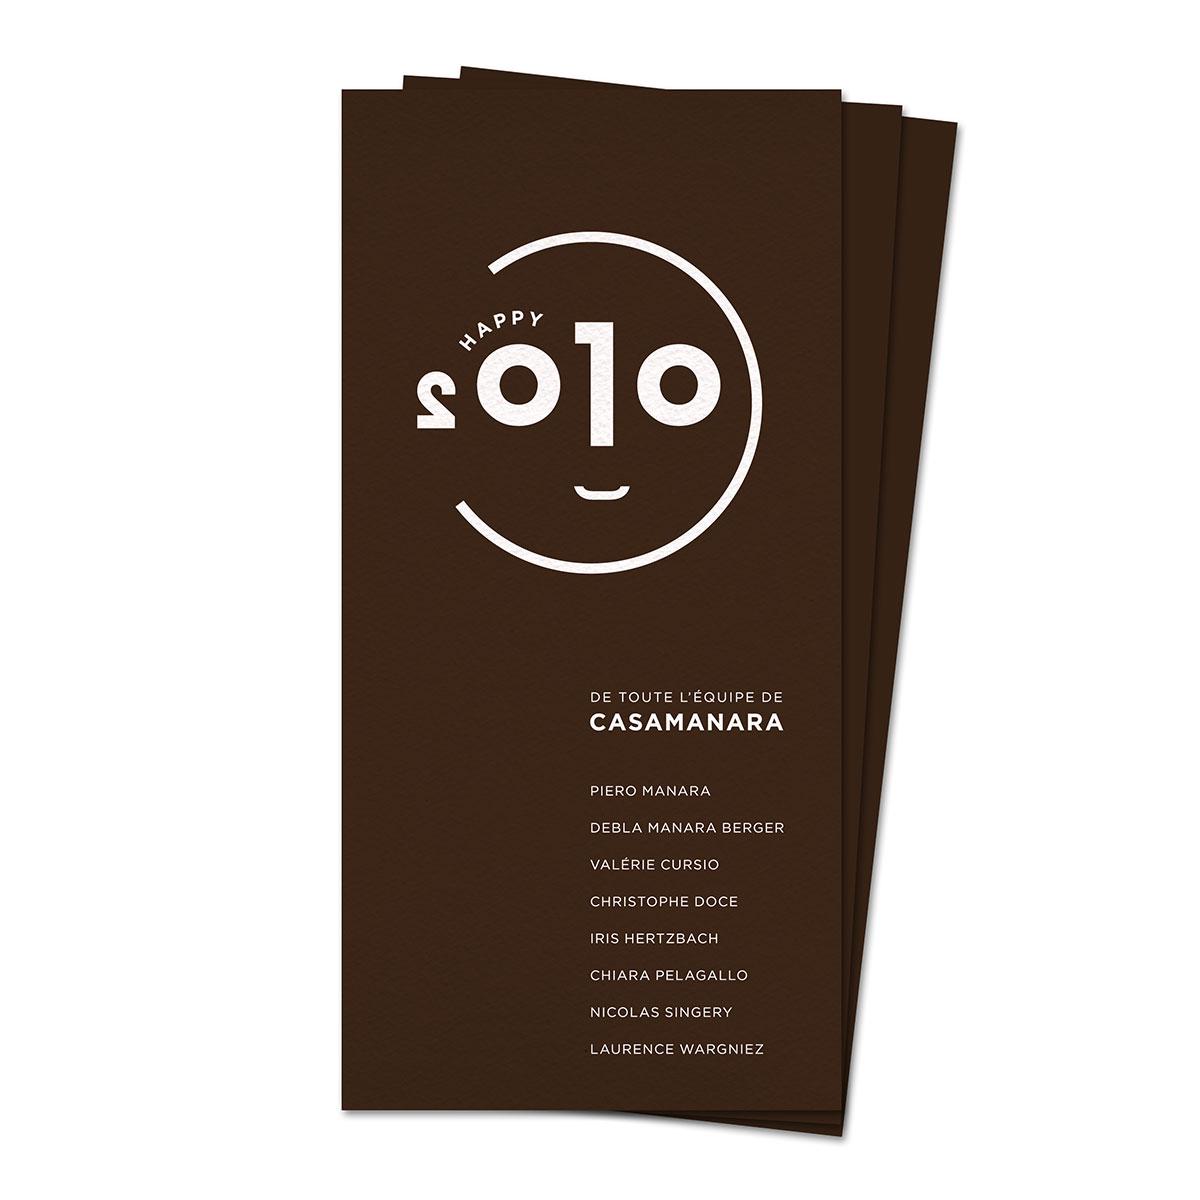 Casamanara Holiday Card 2010